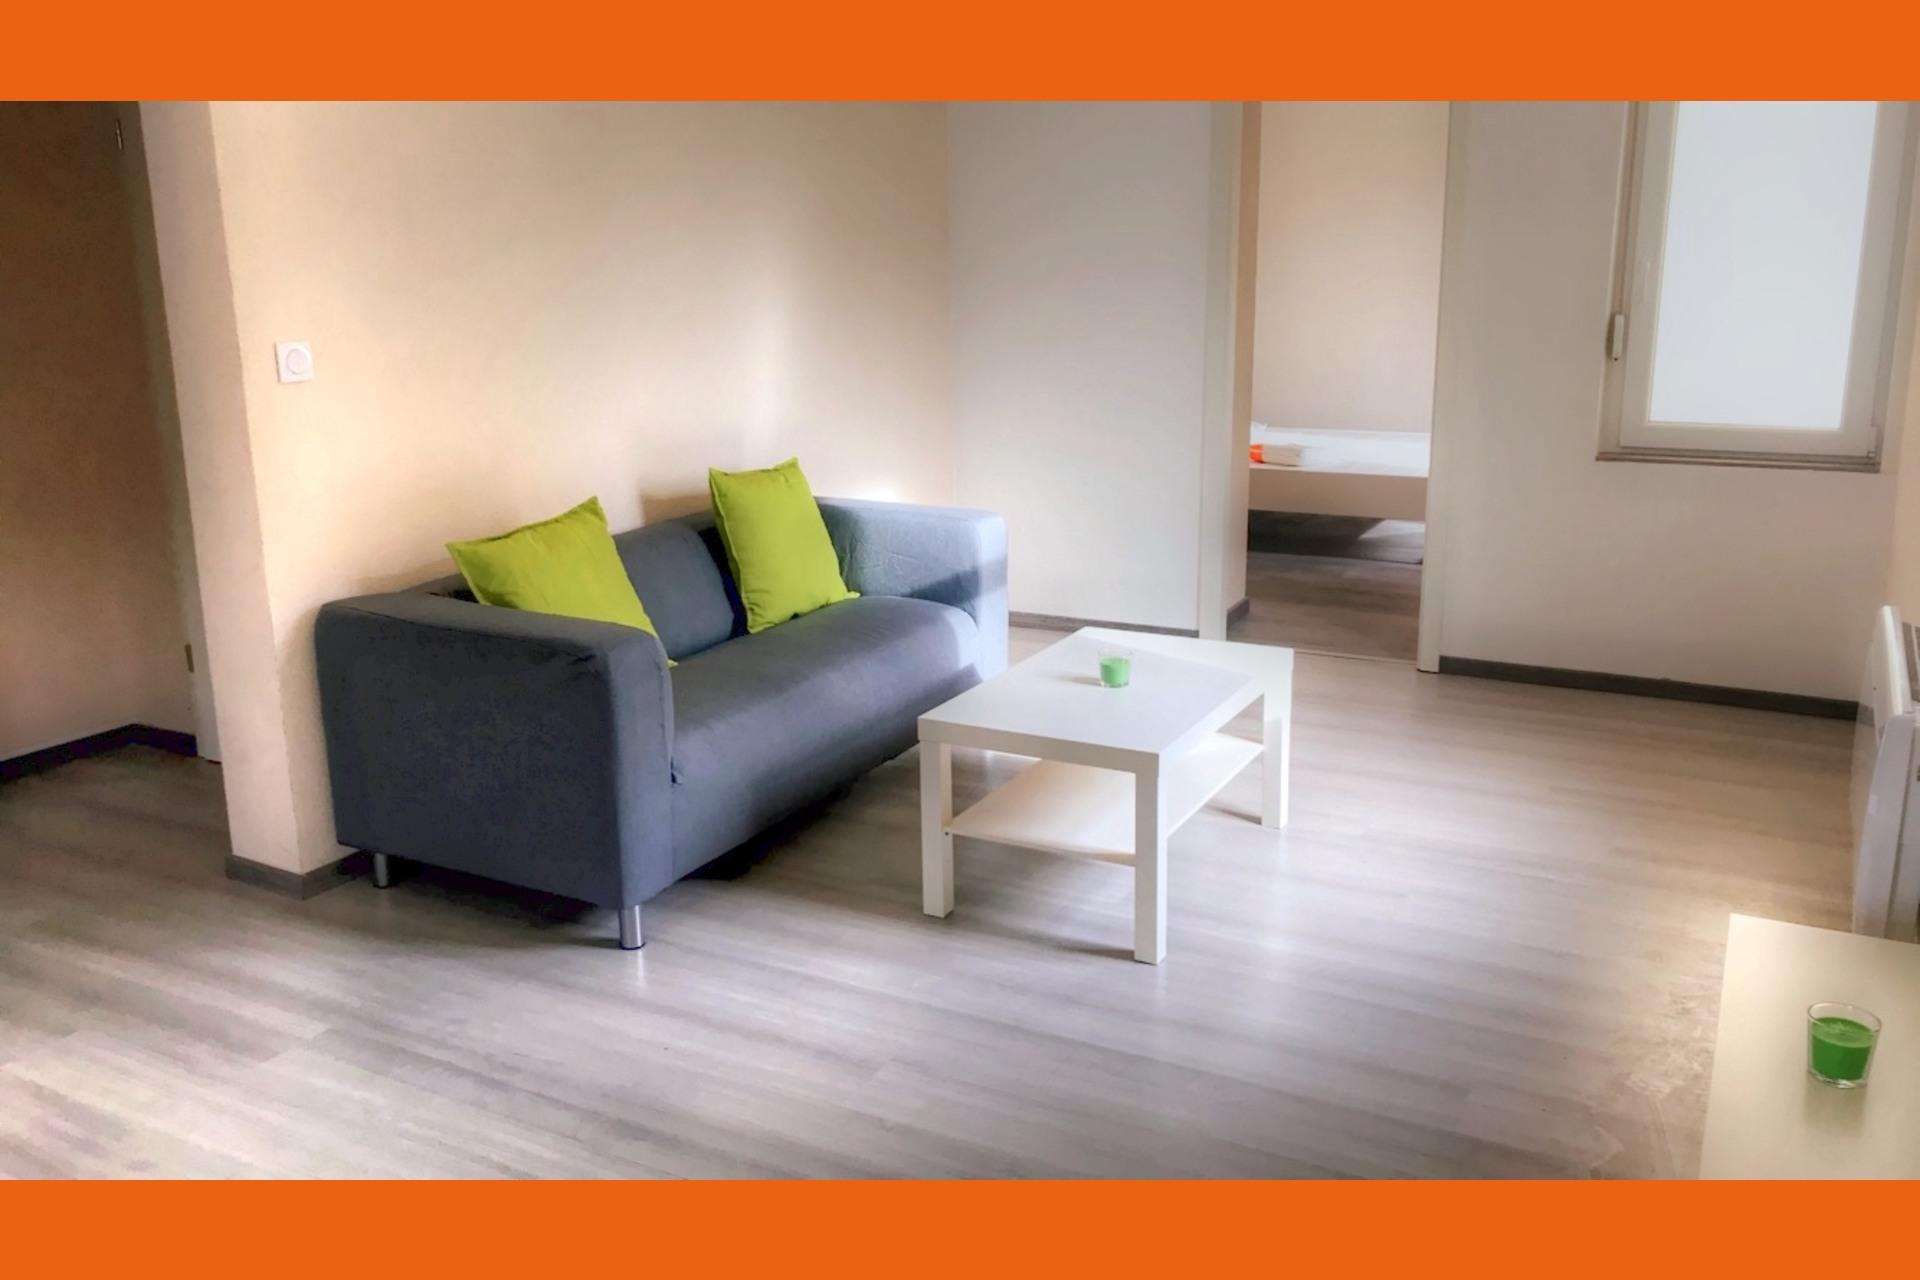 image 1 - Appartement À louer Metz Sablon